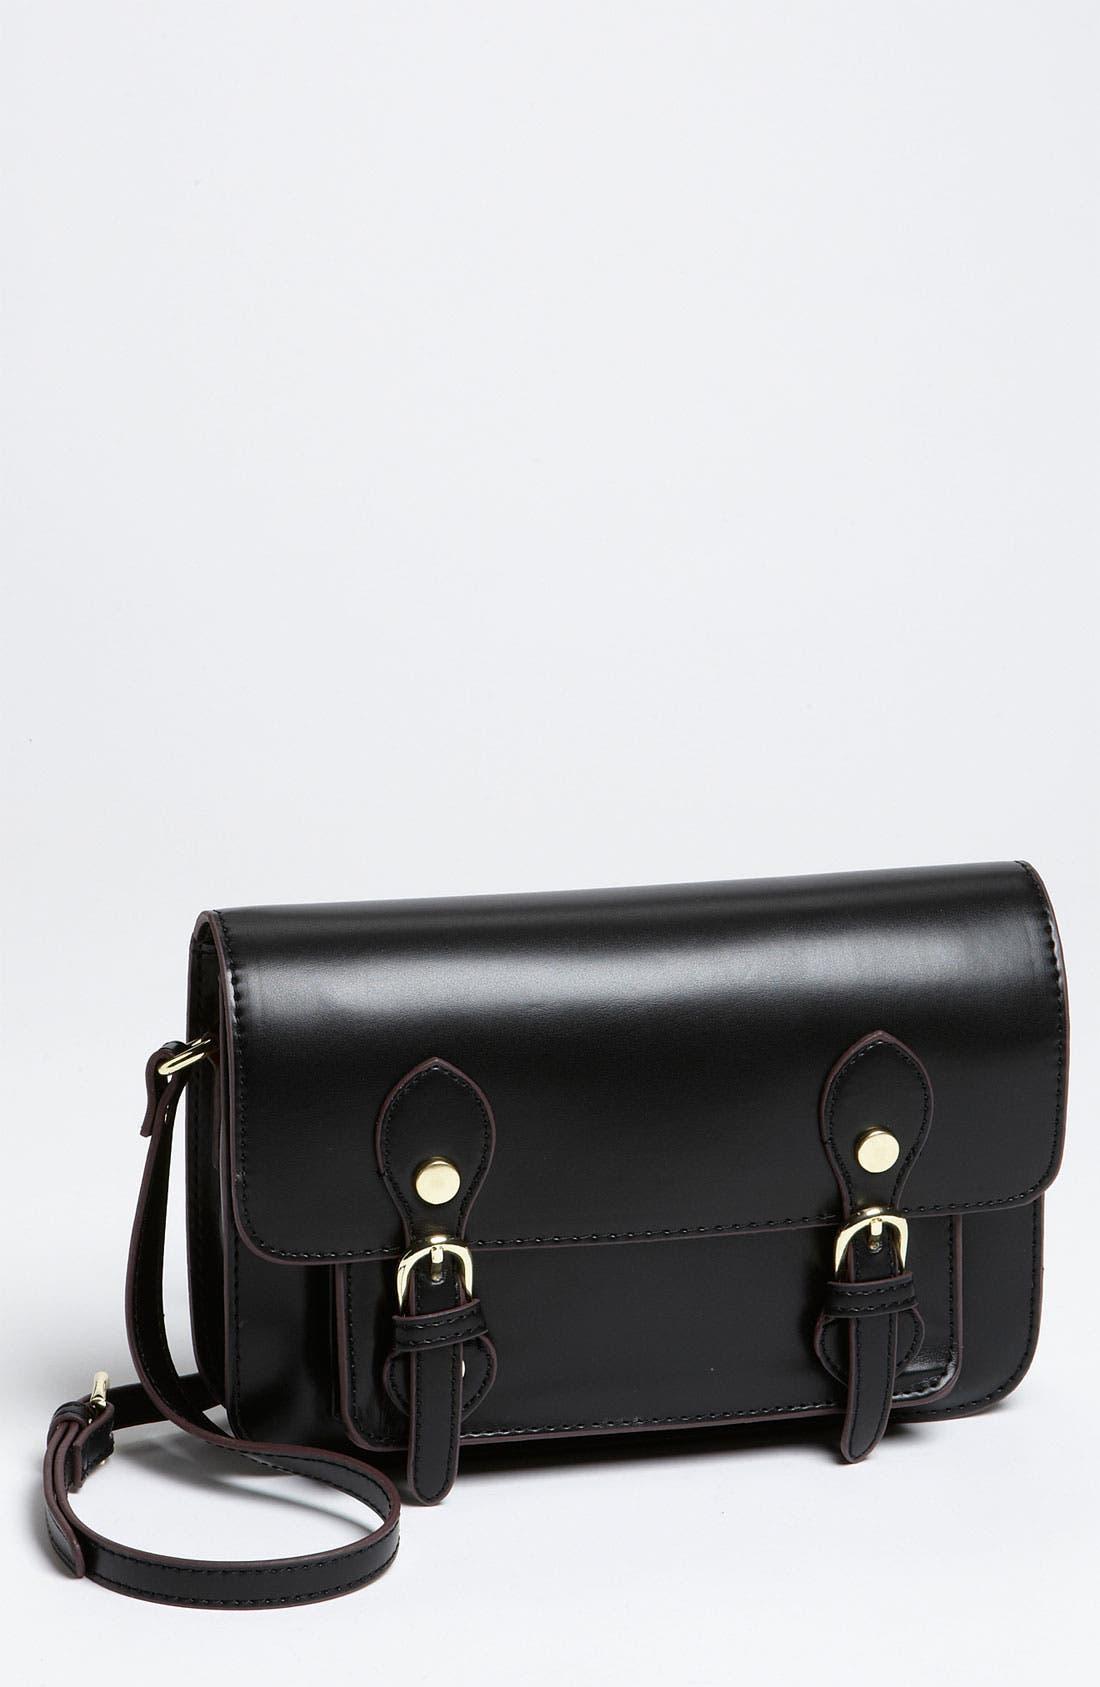 STEVEN BY STEVE MADDEN Crossbody Bag, Main, color, 001